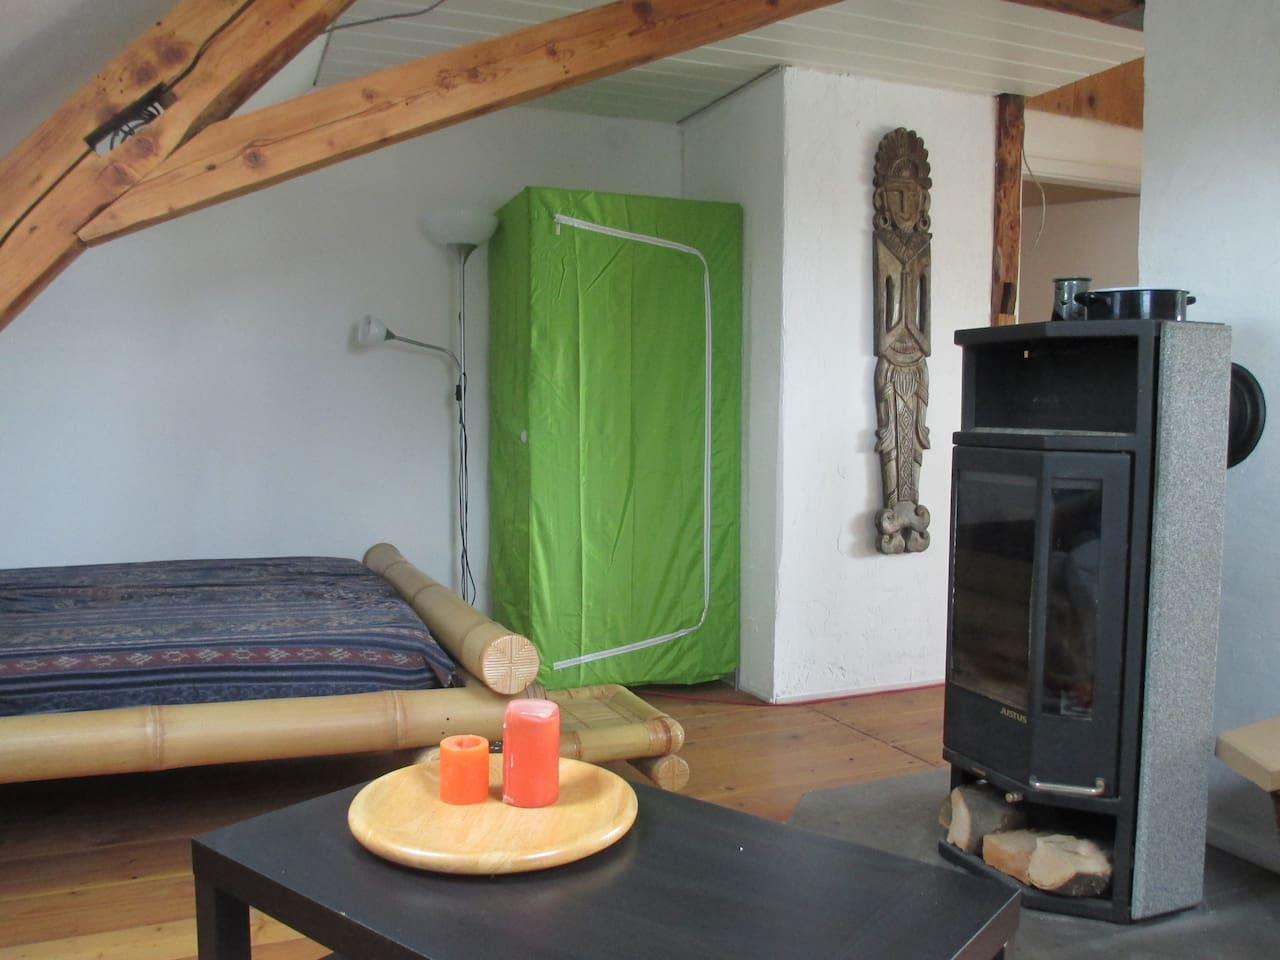 Bambusbett am offenen Kamina